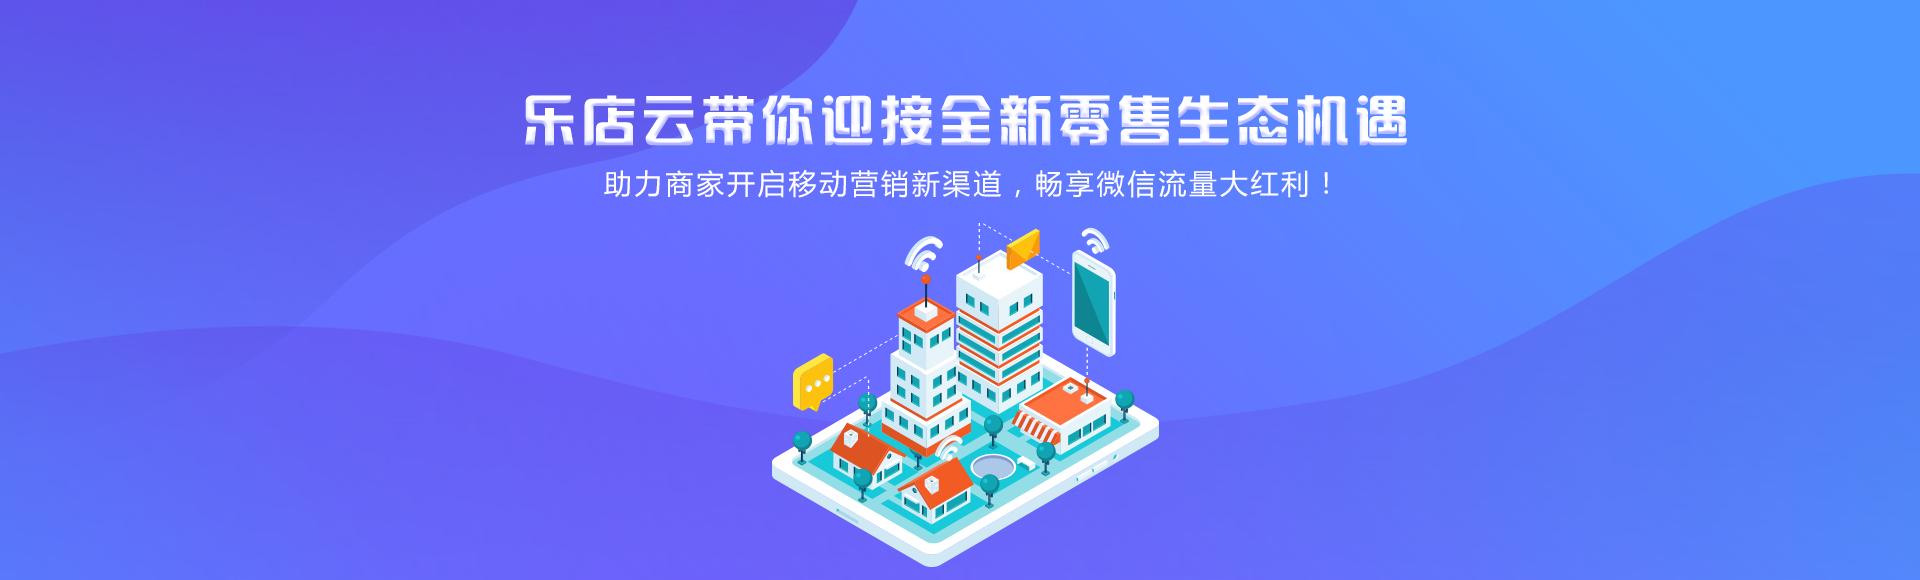 乐店云-小程序模板|微信小程序开发工具|微信小程序制作平台|新零售解决方案